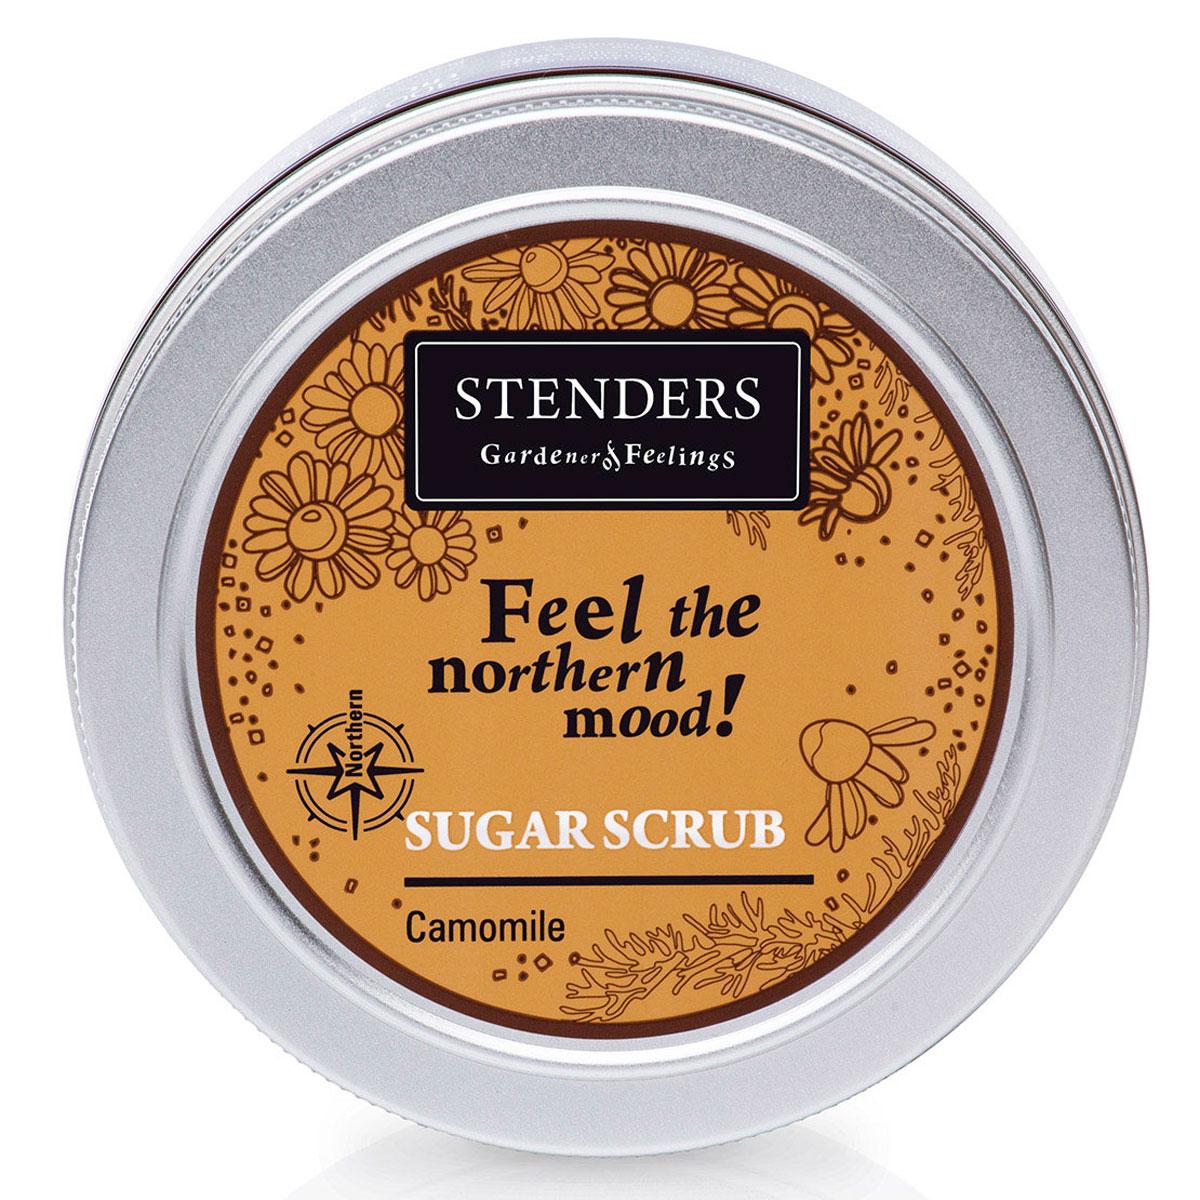 Stenders Сахарный скраб Северная ромашка, 250 гCK02144Этот скраб для тела с кристаллами сахара, дарящий энергию, очистит вас от ежедневной городской пыли. Цветки ромашки приятно массируют вашу кожу, клеточка за клеточкой возвращая ей упругость. Для мгновенного смягчения вашей кожи мы добавили ценные натуральные масла. Почувствуйте мягкую заботу ромашки северных лугов о вашей красоте. Масло абрикосовой косточки богато витамином А и минеральными веществами, которые смягчают и увлажняют. С каждым прикосновением масло бережно ухаживает за вашей кожей, снижая риск появления морщинок. Масло абрикосовых косточек придаст коже здоровый и сияющий внешний вид. Масло виноградных косточек особенно хорошо тем, что содержит ненасыщенные жирные кислоты в большой концентрации. Оно придаст жизненную силу вашей коже, тщательно увлажняя и смягчая ее. Питательное масло сладкого миндаля великолепно в косметике, поскольку является полезным даже для самой чувствительной кожи. Оно абсолютно легко впитывается в вашу кожу, смягчая ее.